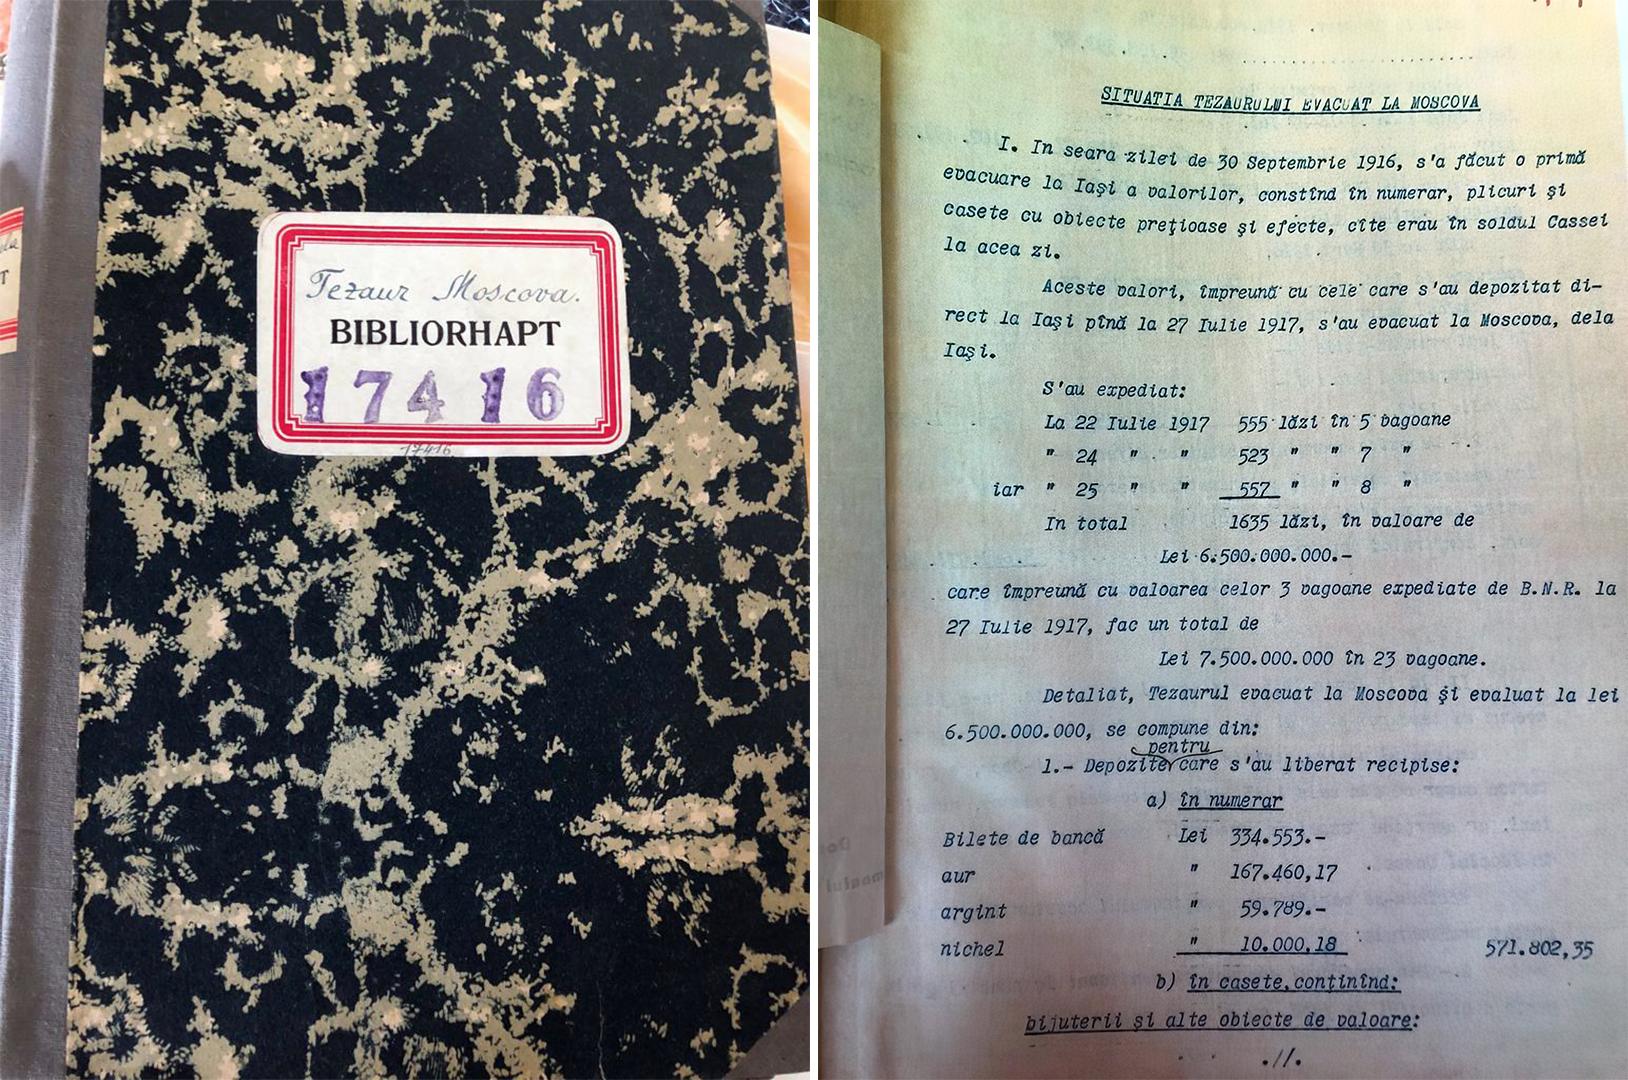 """""""Dosarul Moscova 2"""" este numele pe care BNR l-a dat documentelor de la Brașov. Bucătarul Attila Szocs, un maghiar din Brașov, și iranianul Rezaei Kejani Davood au făcut o descoperire care reaprinde o veche dispută istorică și de patrimoniu"""